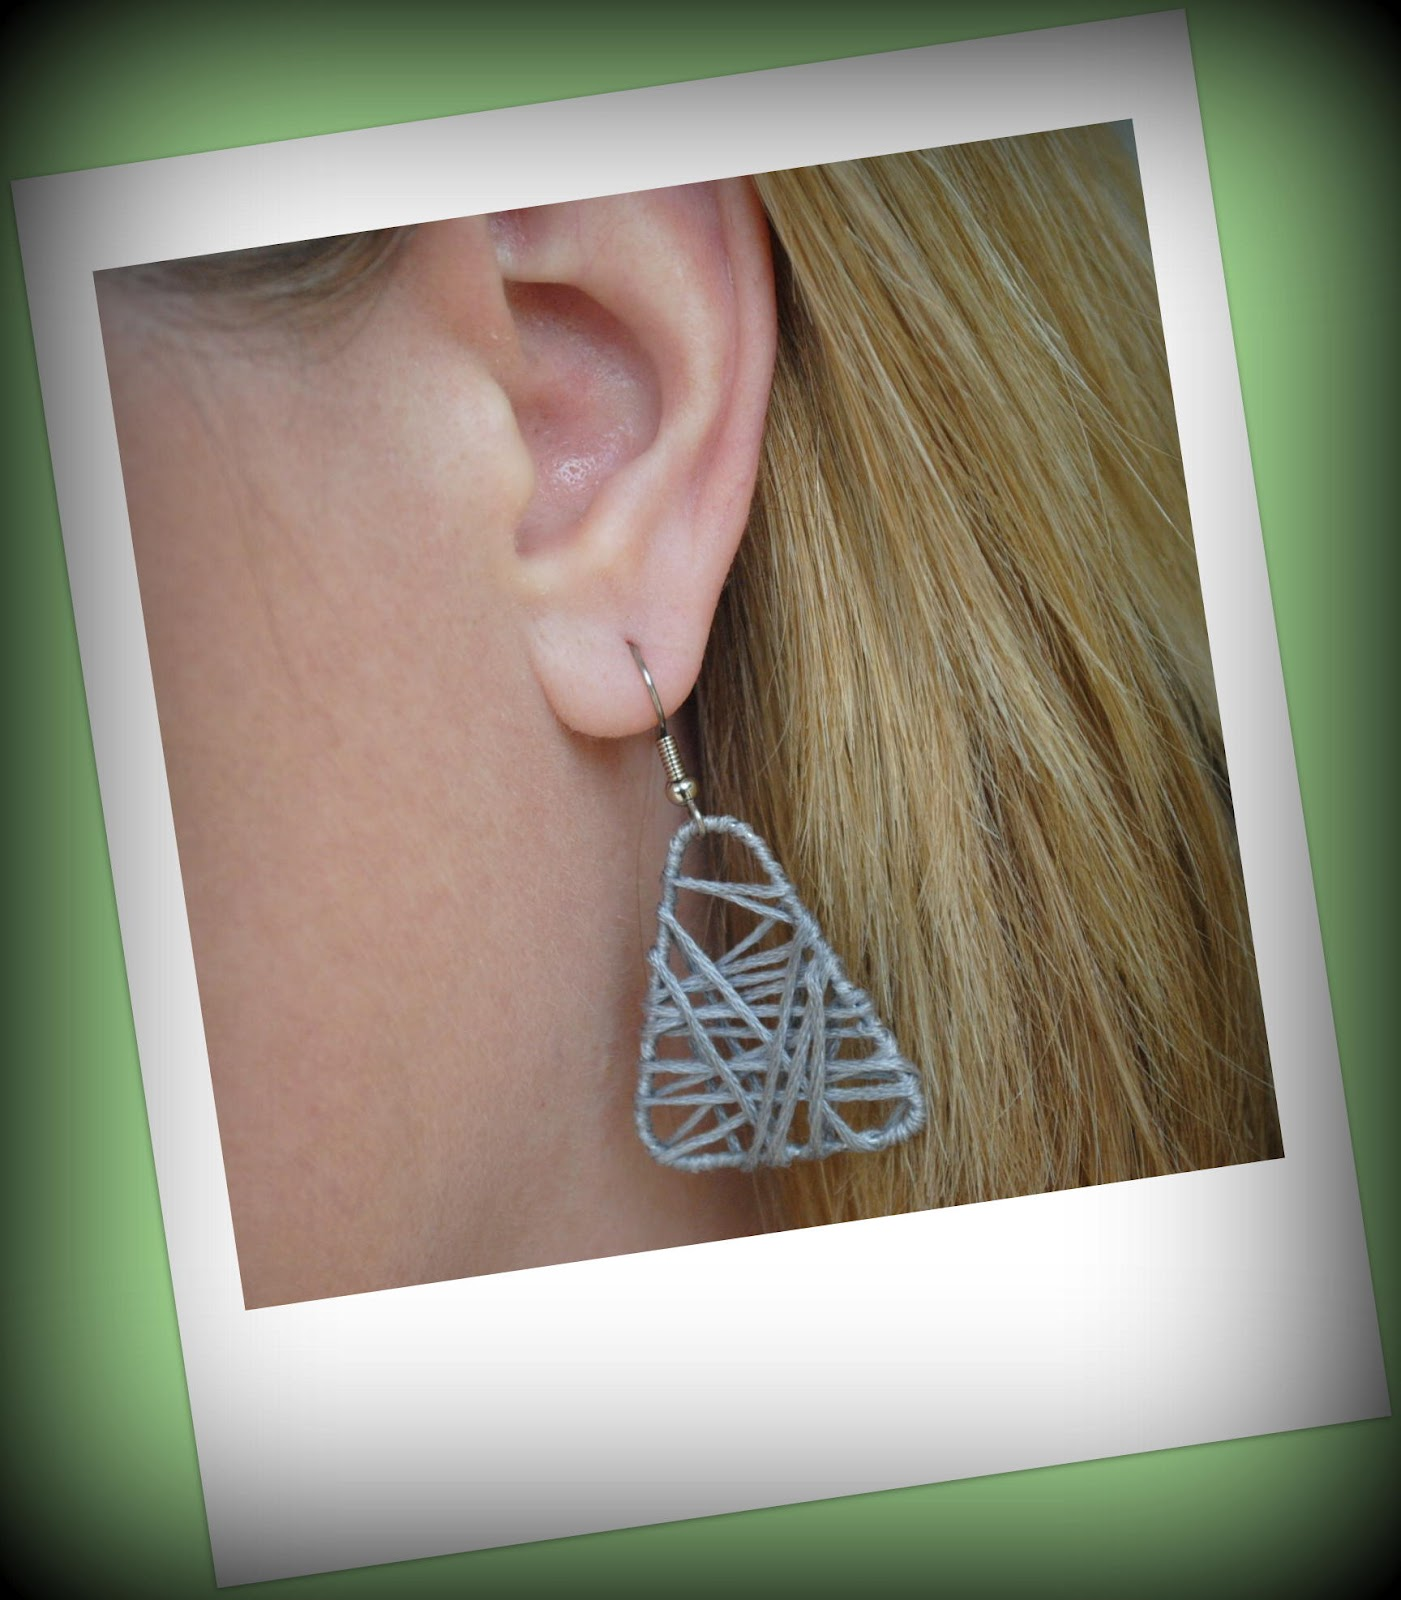 http://4.bp.blogspot.com/-cpW50qPX8AU/T9uXXZtlPhI/AAAAAAAAAiE/9KK9PI4zfYo/s1600/earing+picture.jpg